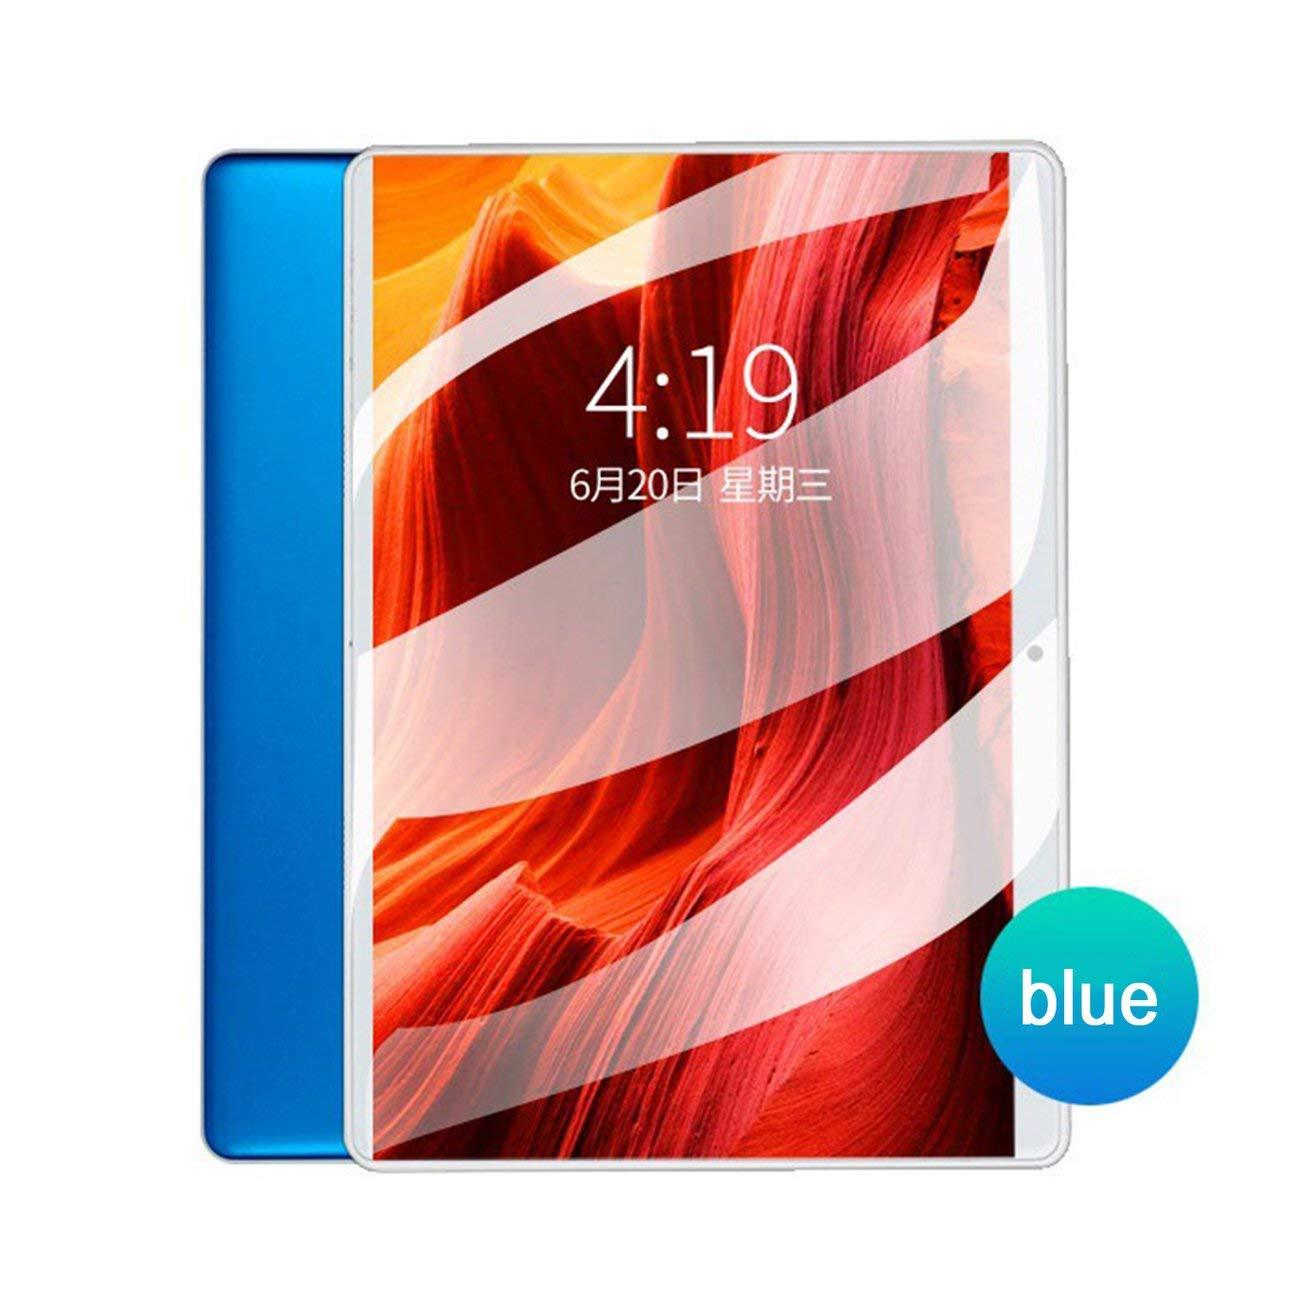 素晴らしい LasVogos タブレット 10.1インチ LasVogos-AIABI タブレット 2GB RAM 64GB タブレット ROM Android LasVogos 7.0 Phablet タブレット PC用 LasVogos-AIABI Blue&type:us B07NPLYSD1, 製本店舗&事務用品のポップ屋:8fd9e353 --- senas.4x4.lt